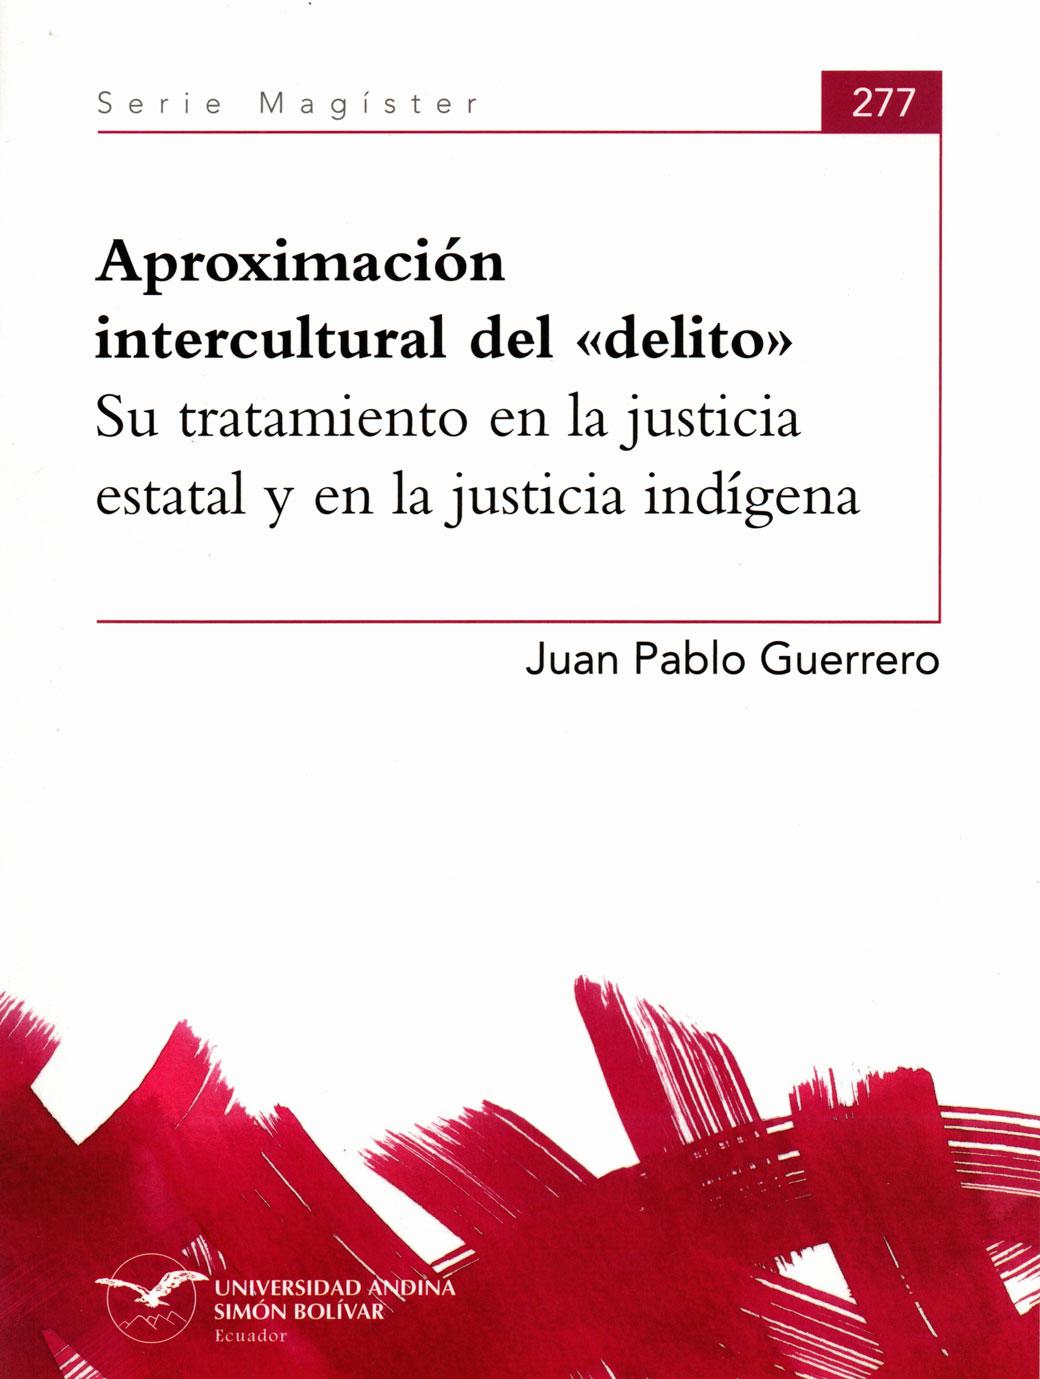 Aproximación intercultural del delito. Su tratamiento en la justicia estatal y en la justicia indígena